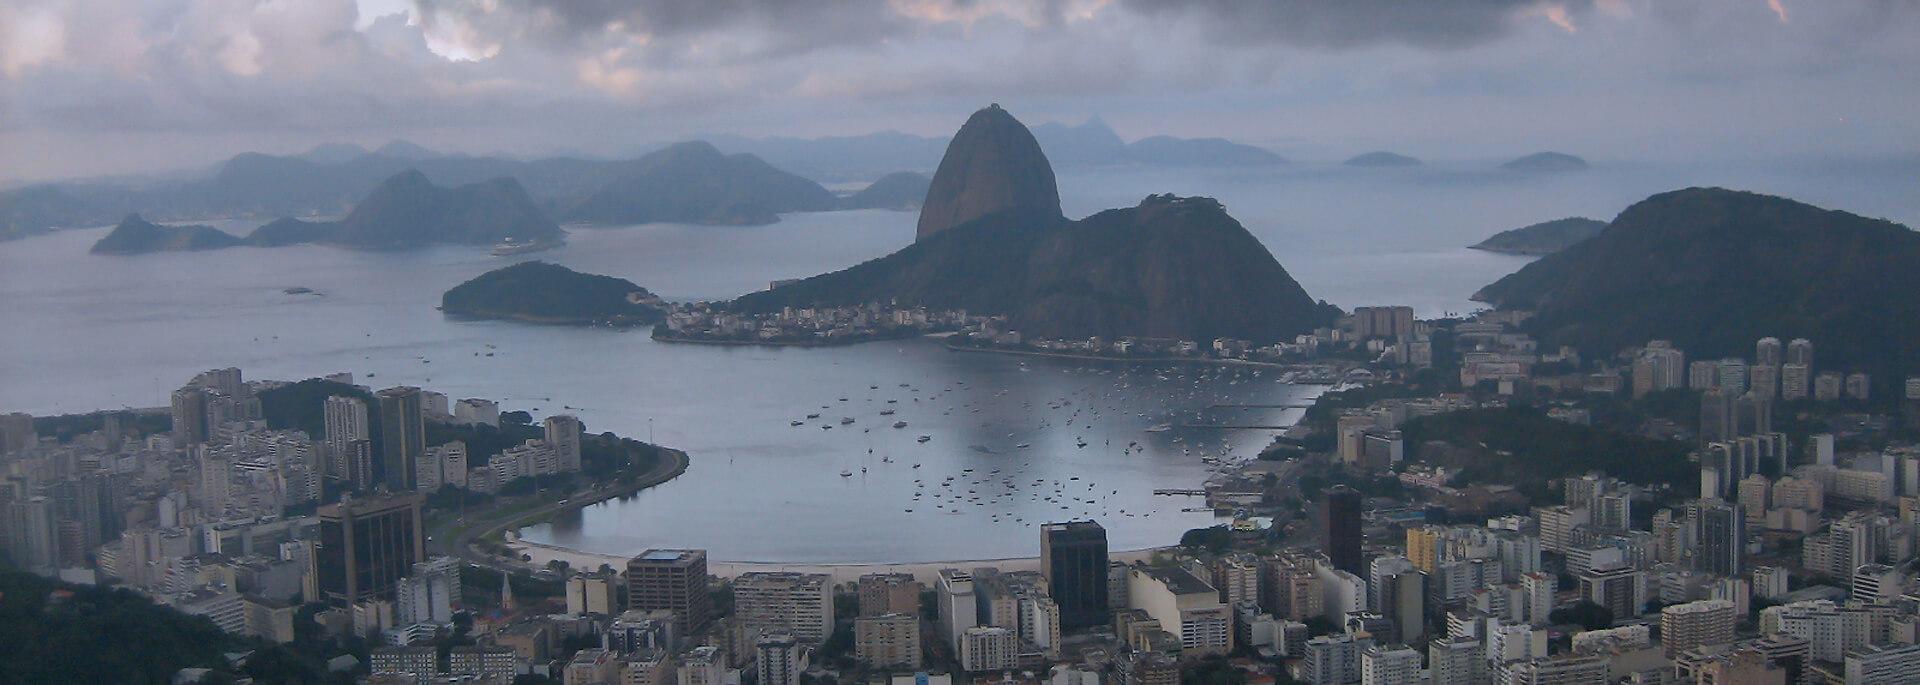 Fotos: Rio de Janeiro